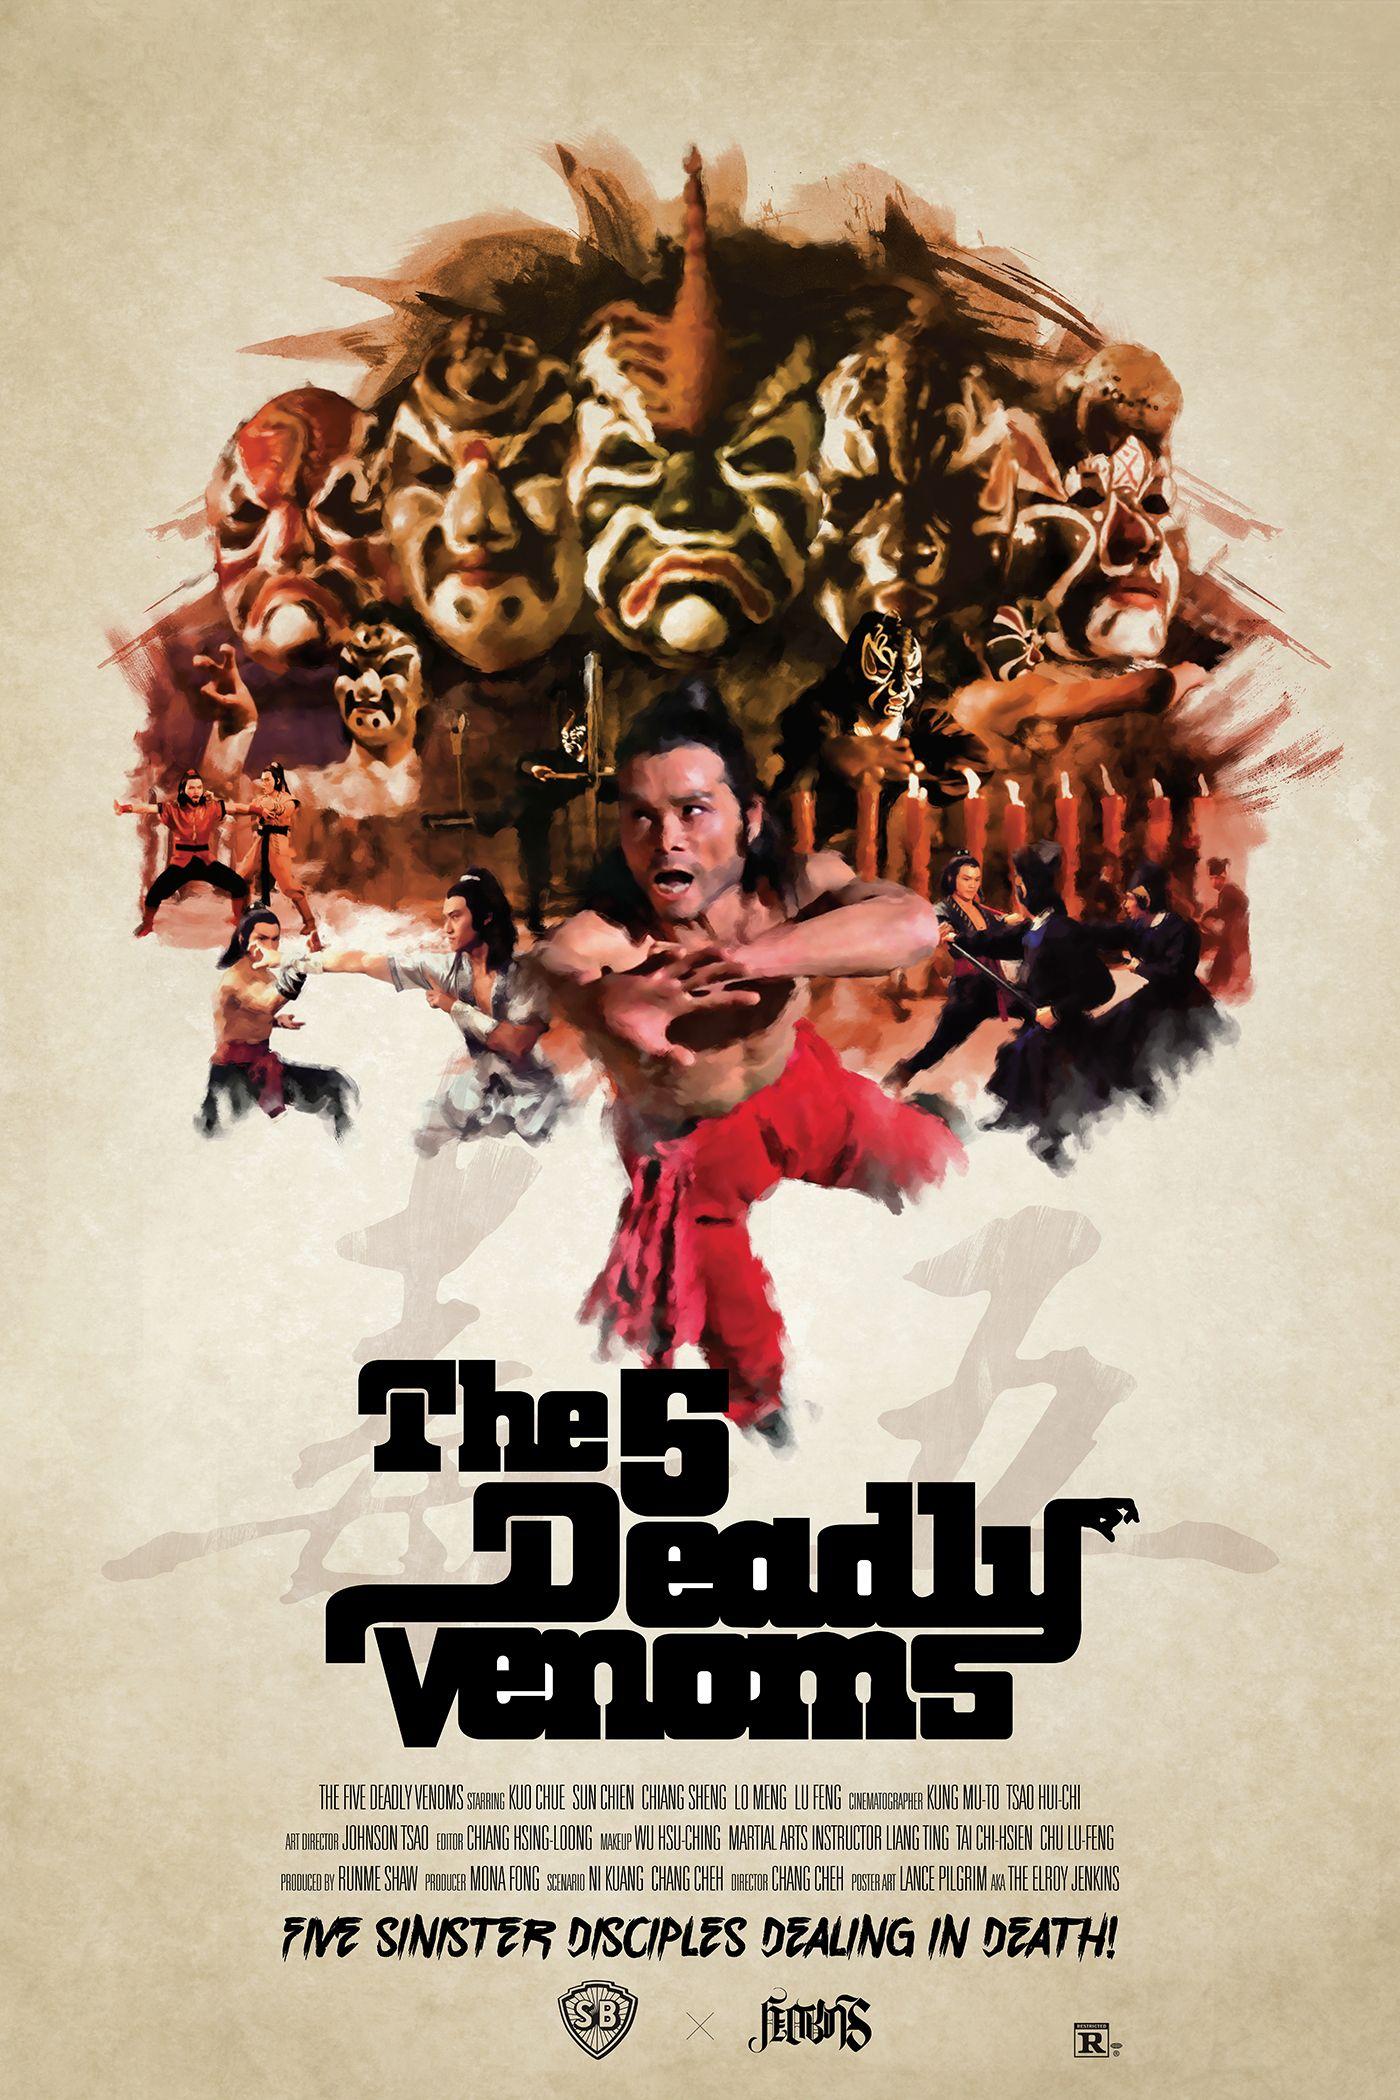 Five deadly venoms 1978 chang cheh venom movie